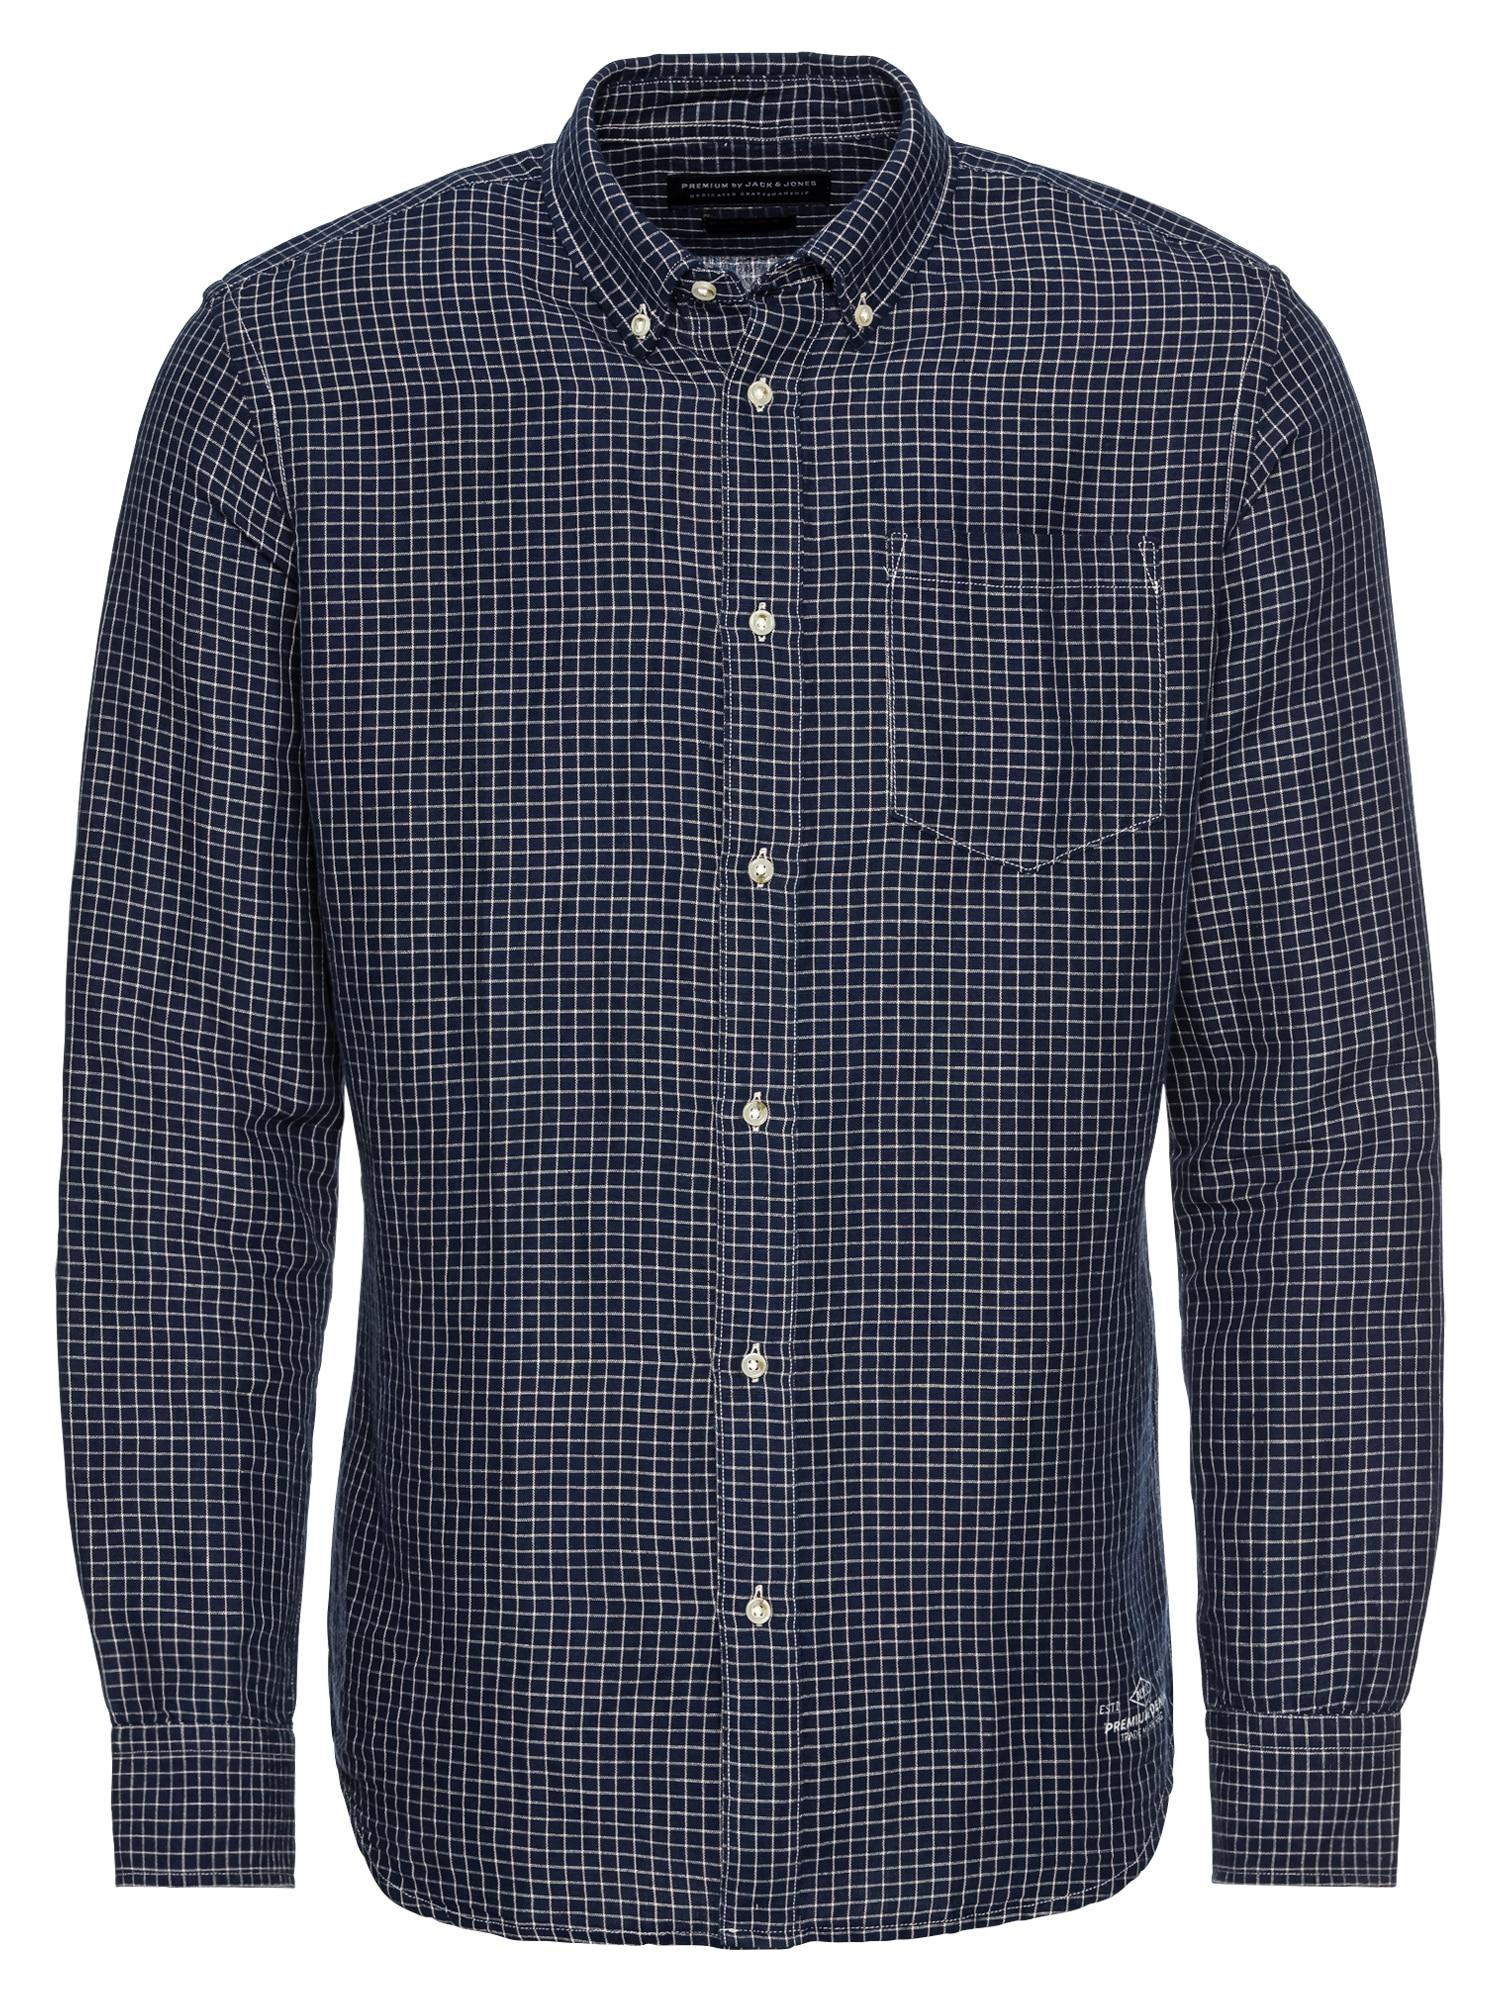 Košile JPRDANIEL námořnická modř bílá JACK & JONES